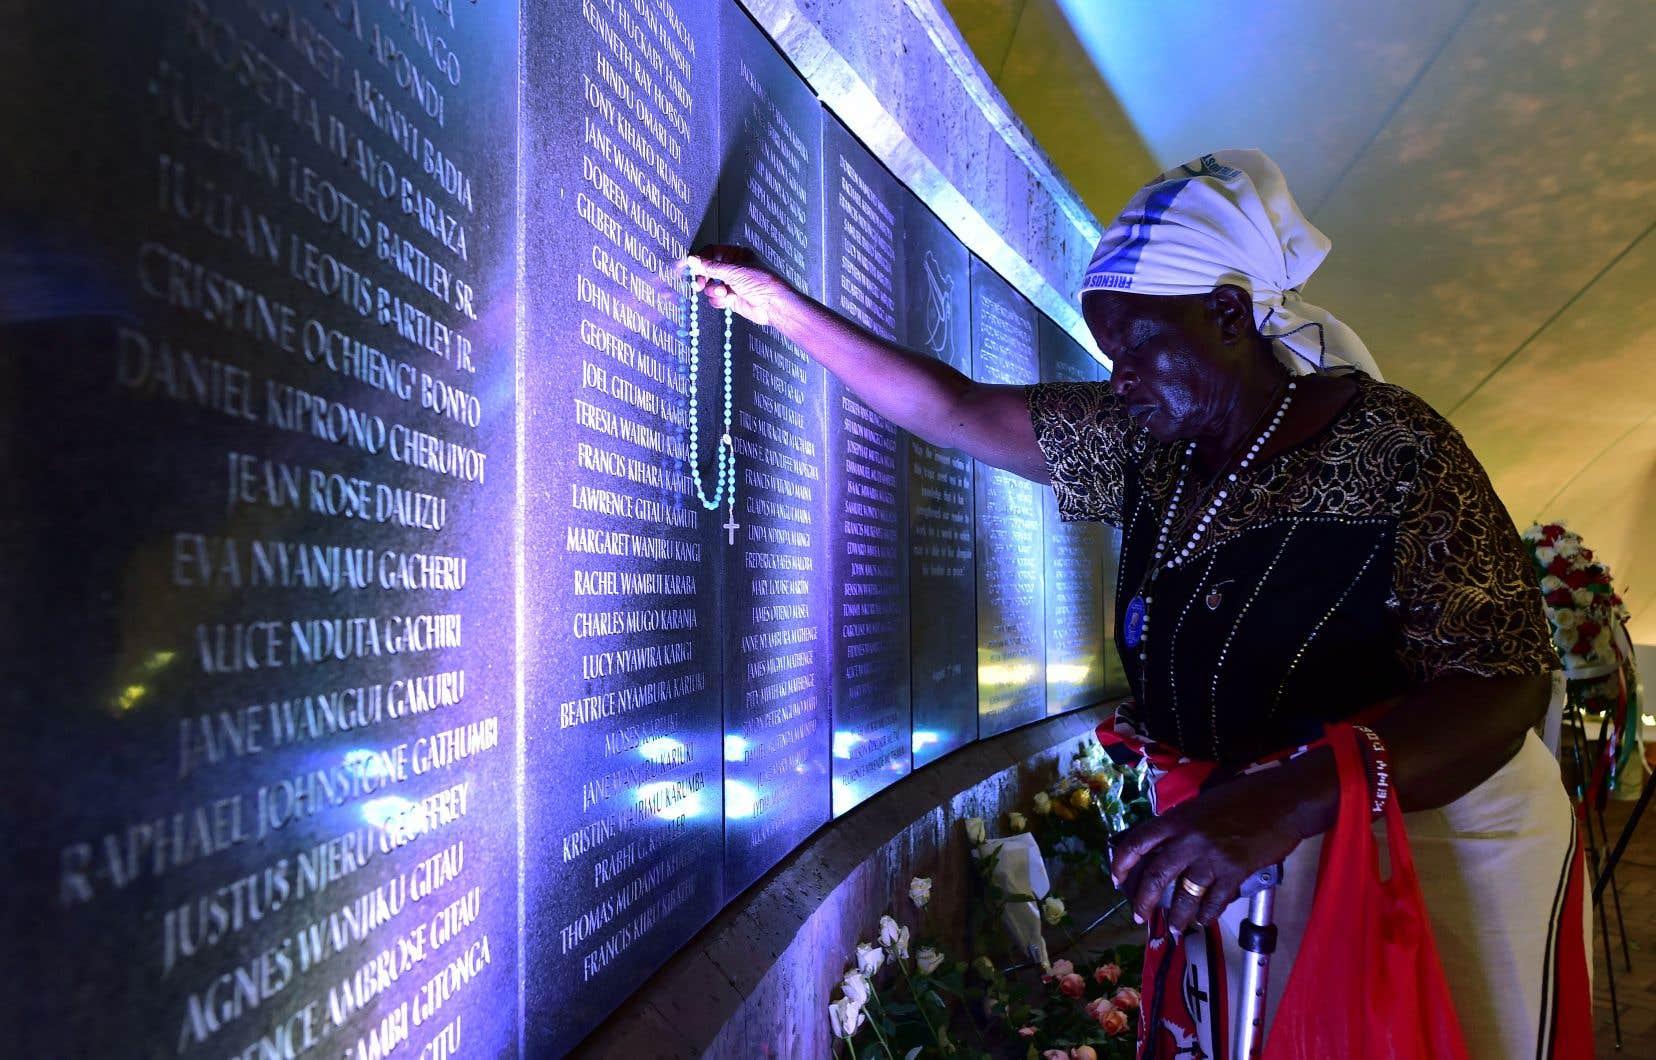 À Nairobi, une cérémonie sobre et émouvante a réuni familles de victimes, survivants et officiels au parc du mémorial de l'attentat.